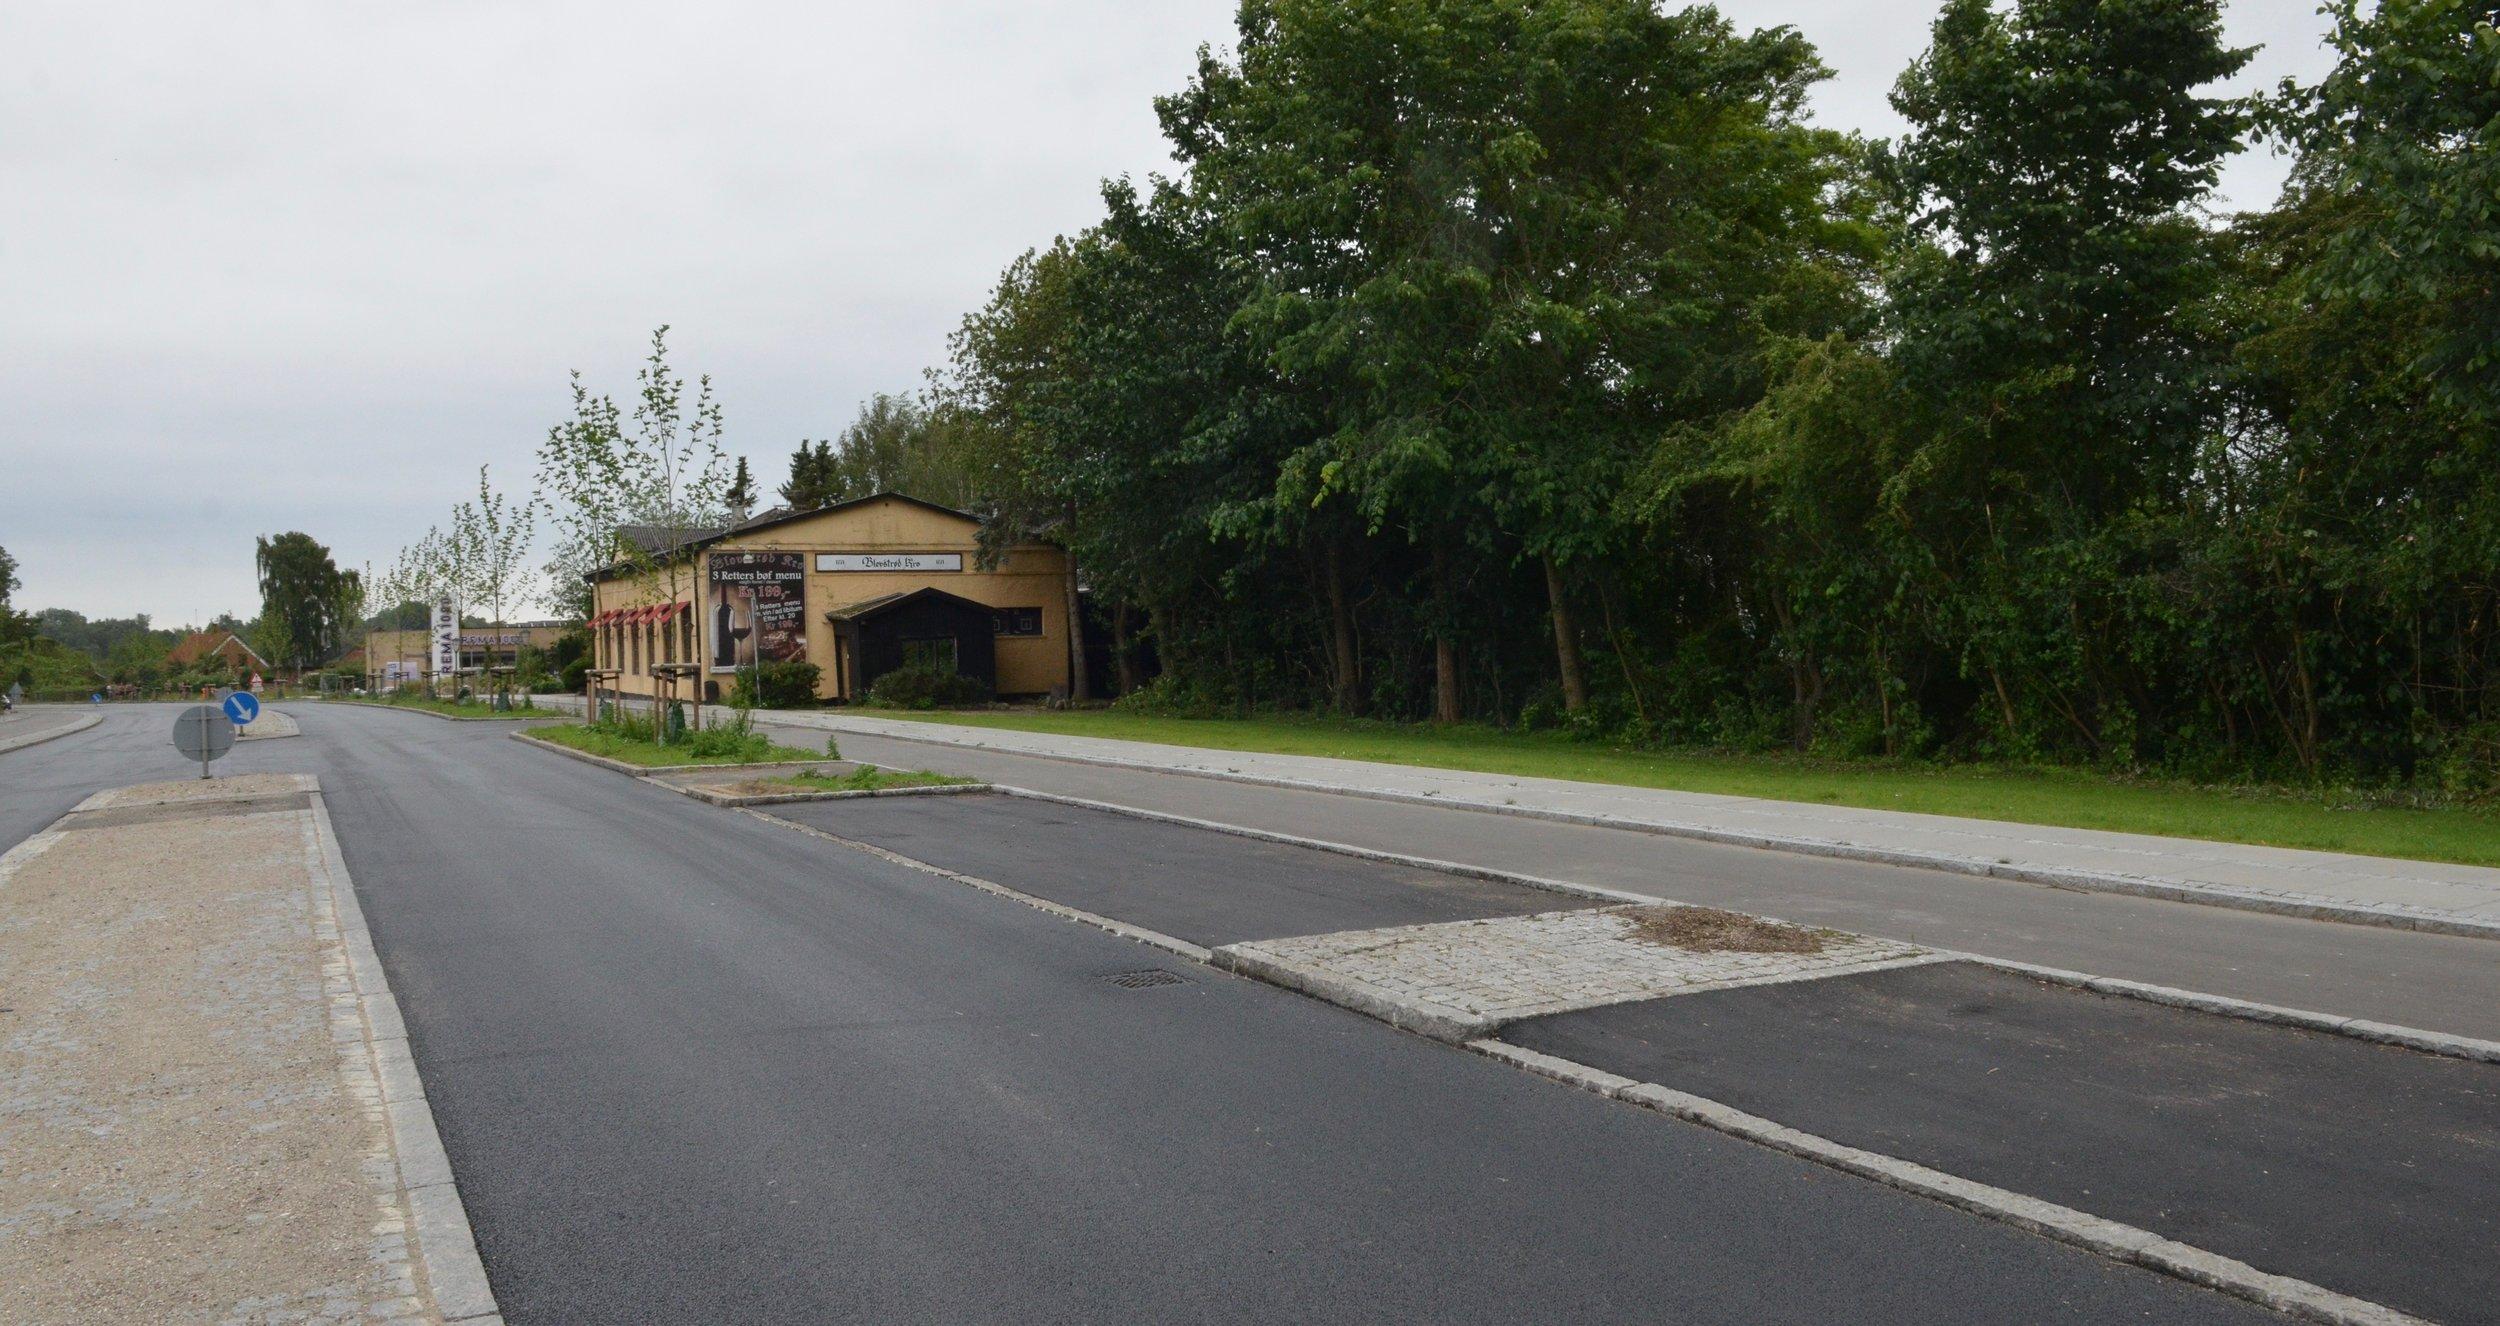 Overfor bageren blev granit-markeringen ikke sænket/fjernet mellem de to parkeringslommer, men der er dog udført en lille asfaltrampe op mod den hævede flade  . Som det ses, er kørebanens asfalt helt sort, men vil lysne med tiden, når topfilmen er slidt af.Foto: AOB